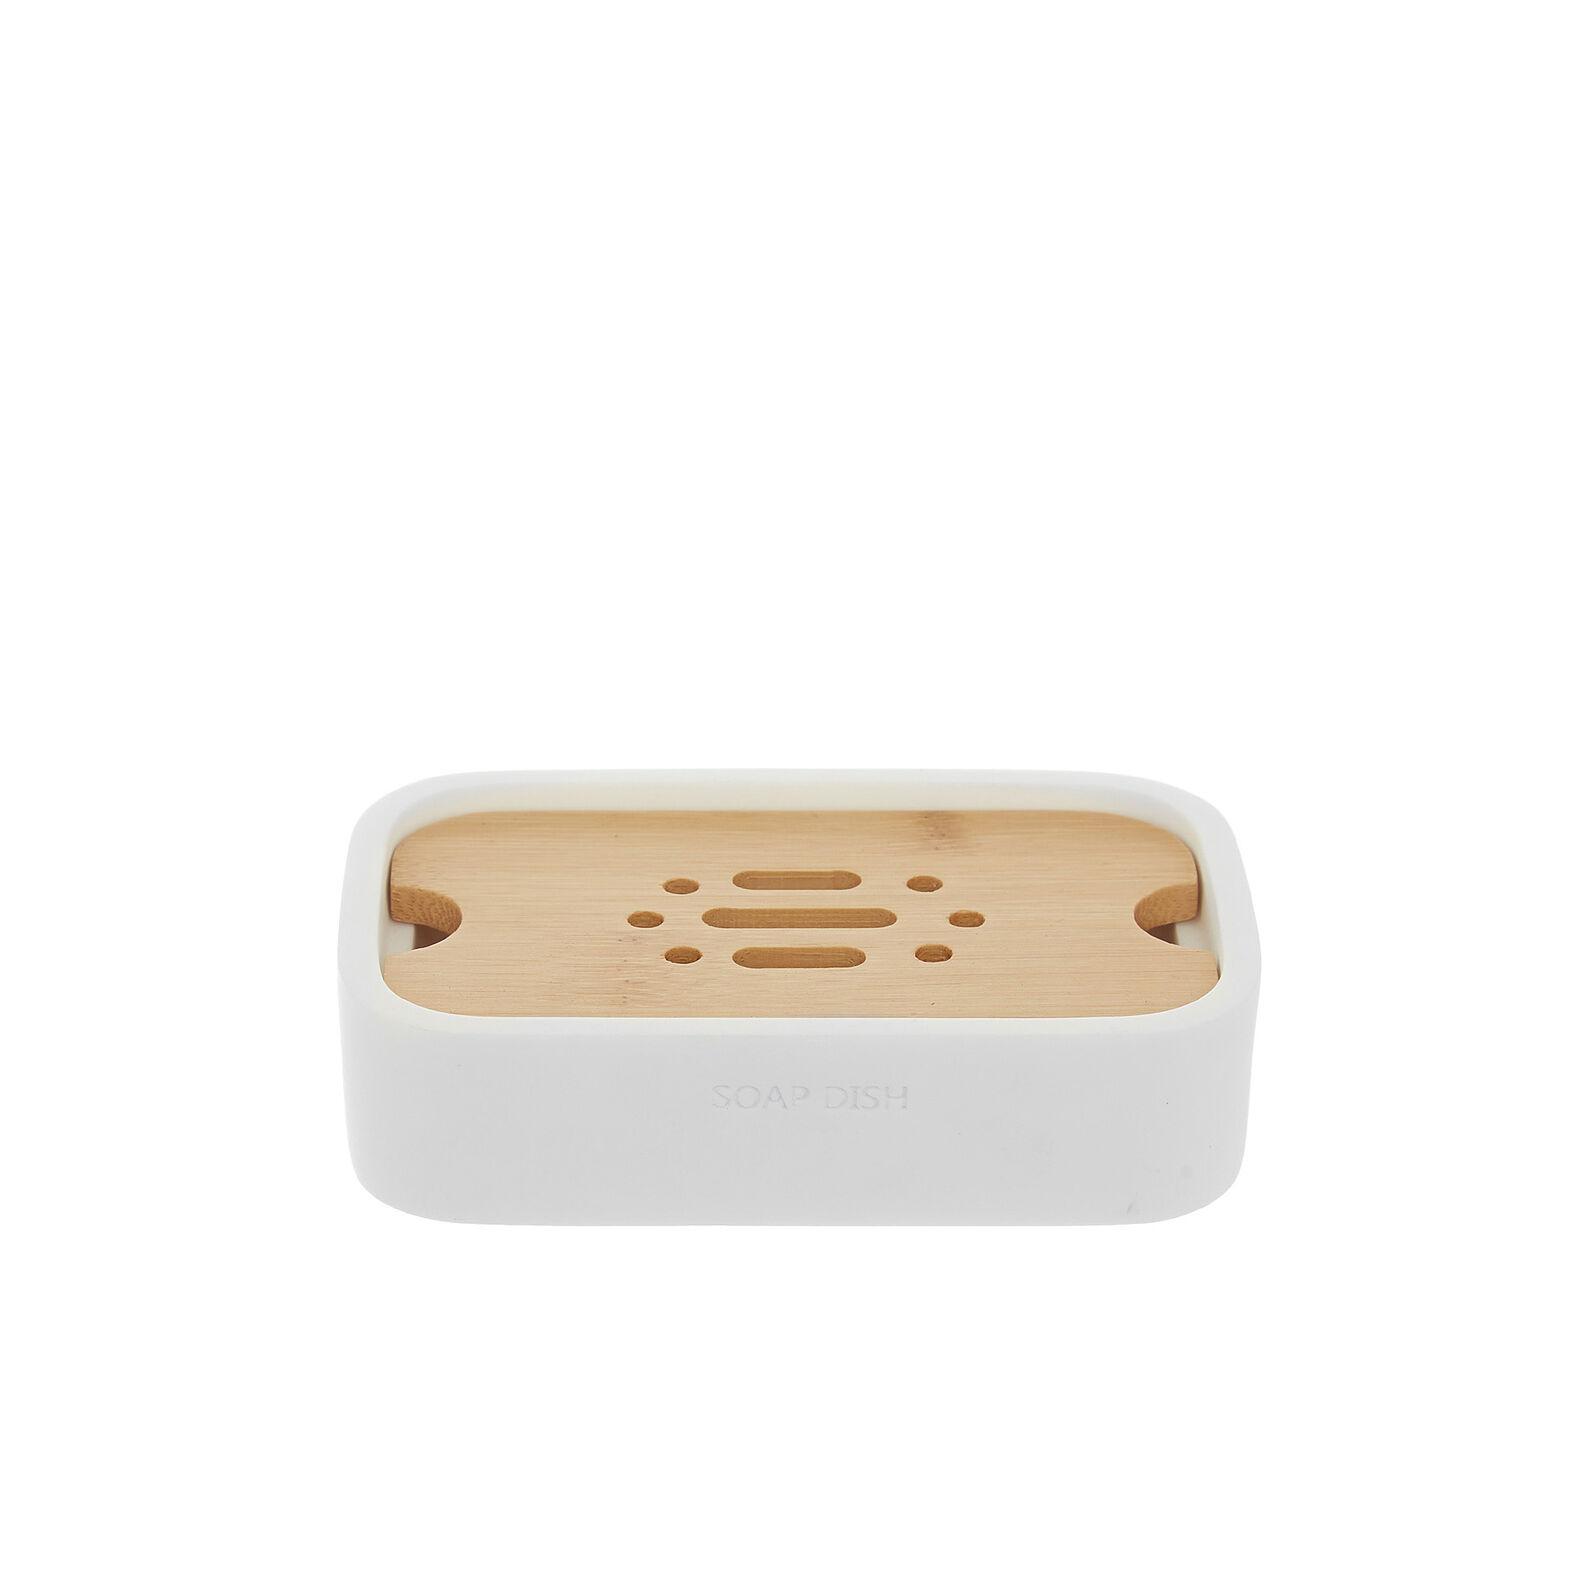 Portasapone dettaglio in bamboo Linea